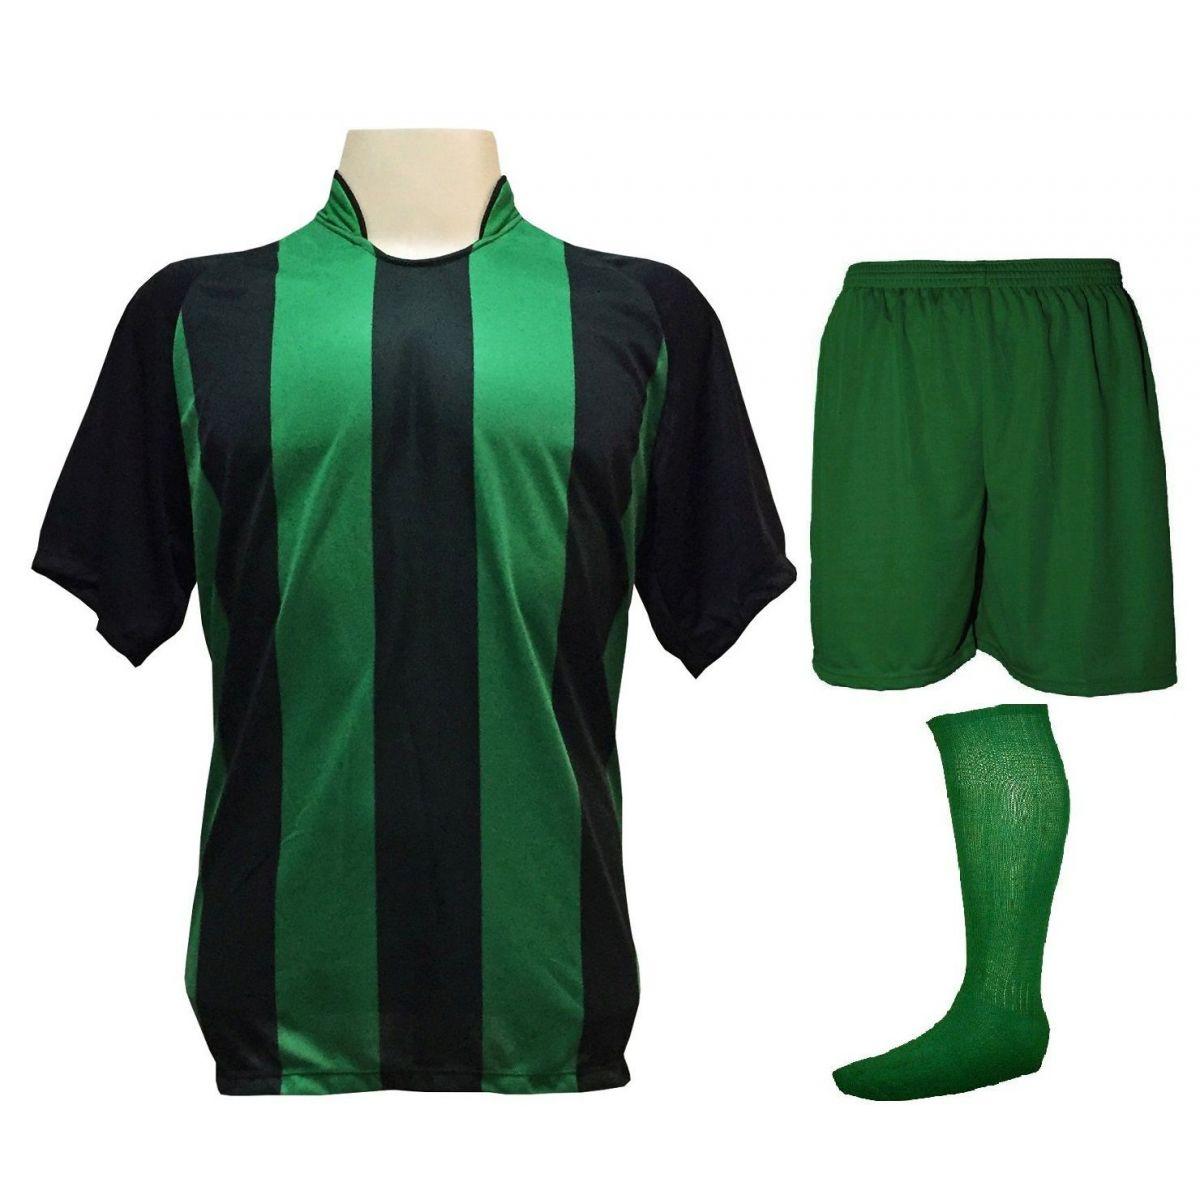 Fardamento Completo modelo Milan Preto/Verde 12+1 (12 camisas + 12 calções + 13 pares de meiões + 1 conjunto de goleiro) - Frete Grátis Brasil + Brindes